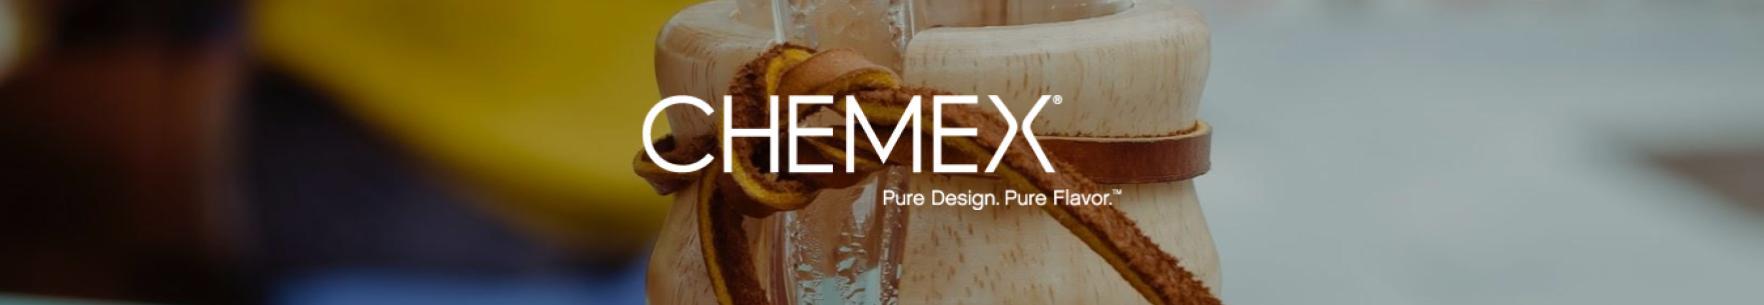 Chemex kaffebryggere og tilbehør